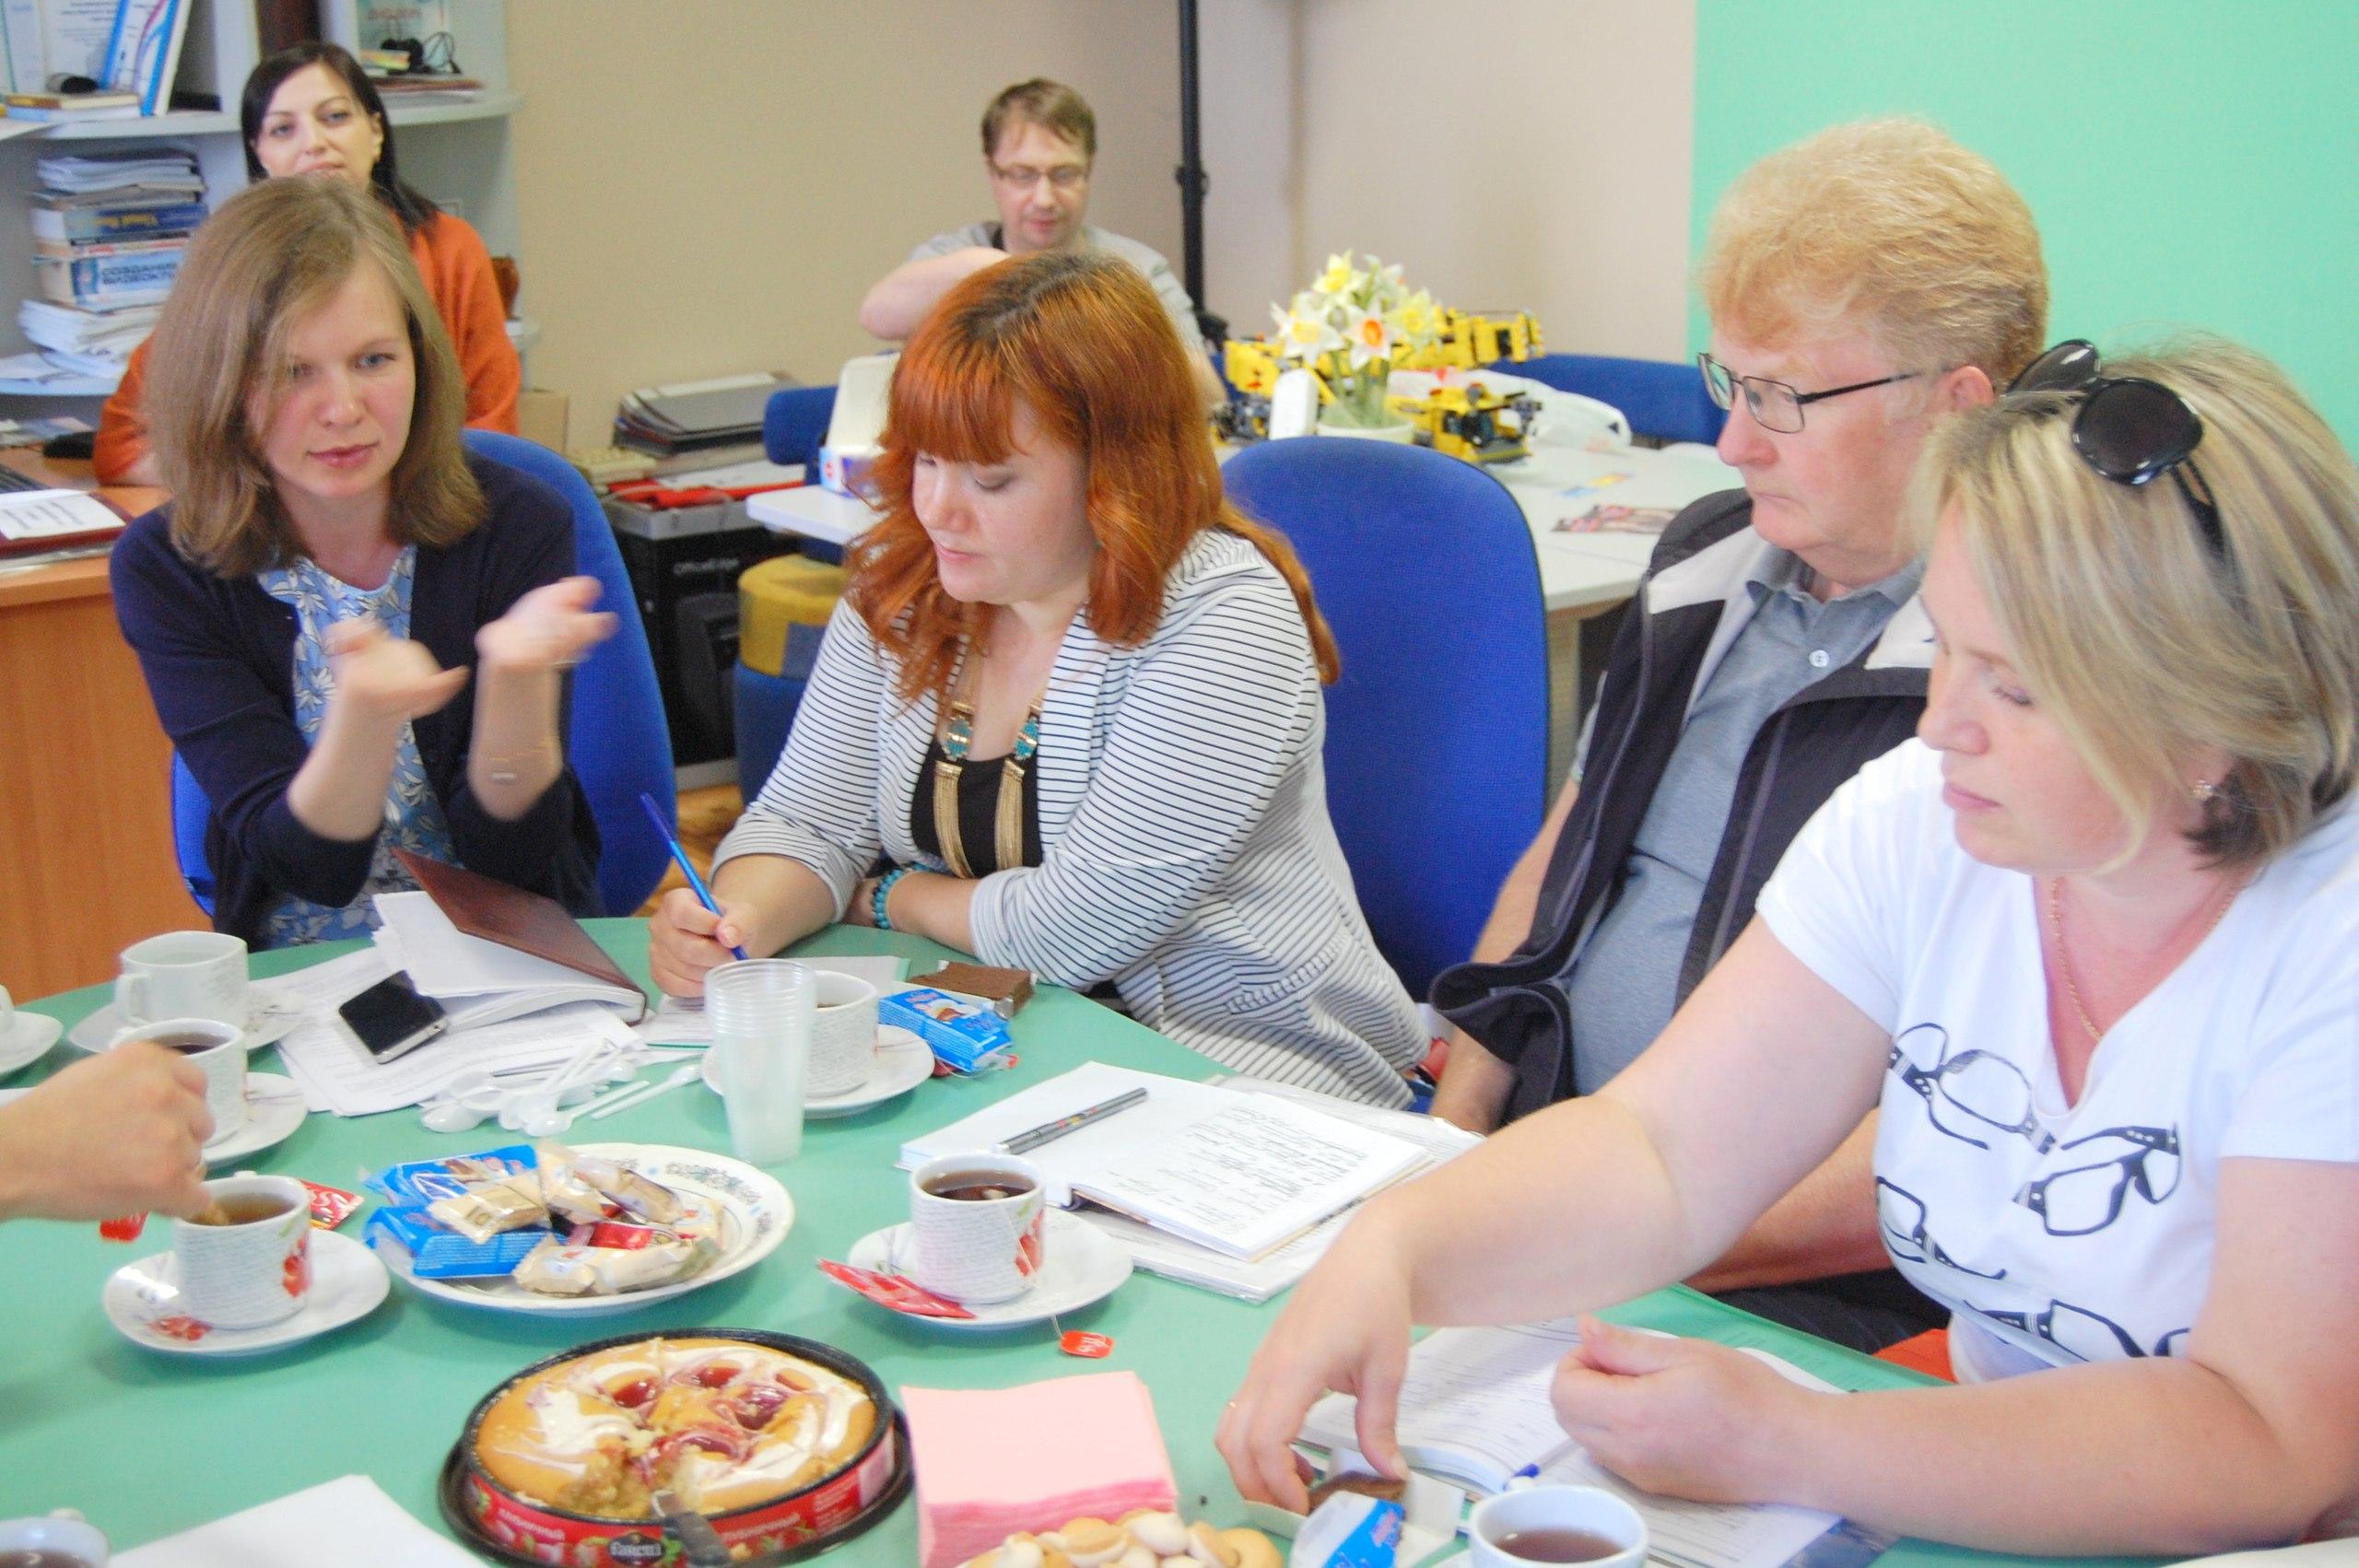 Встреча участников-победителей конкурса «Активное поколение» в пространстве Нижегородской школы робототехники